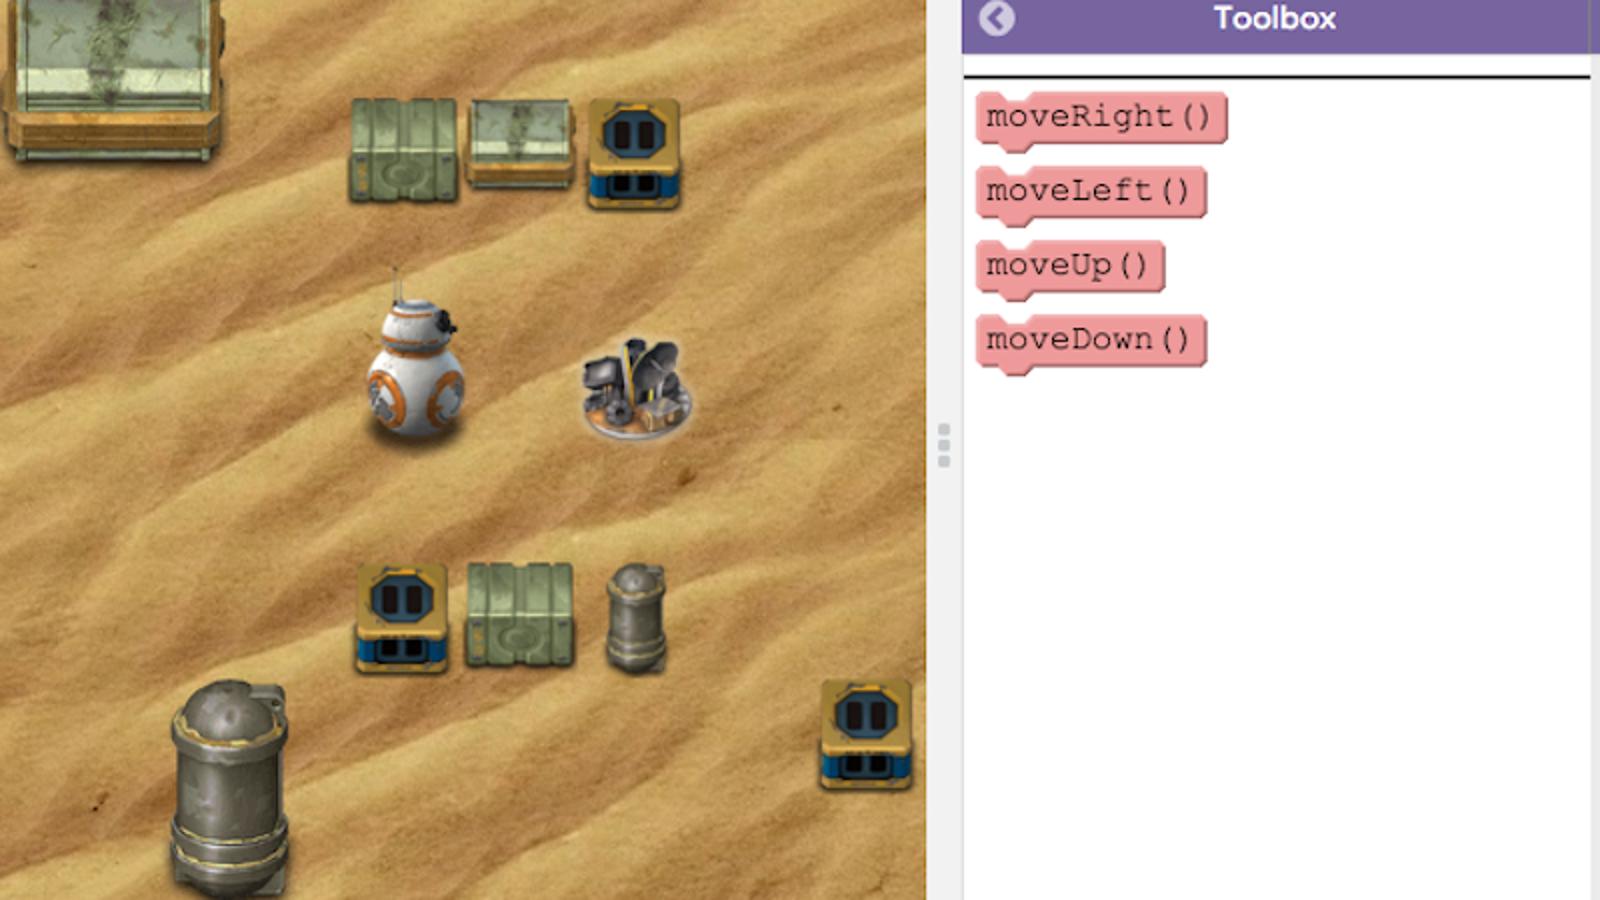 Este curso online enseña a programar usando personajes de Star Wars: The Force Awakens